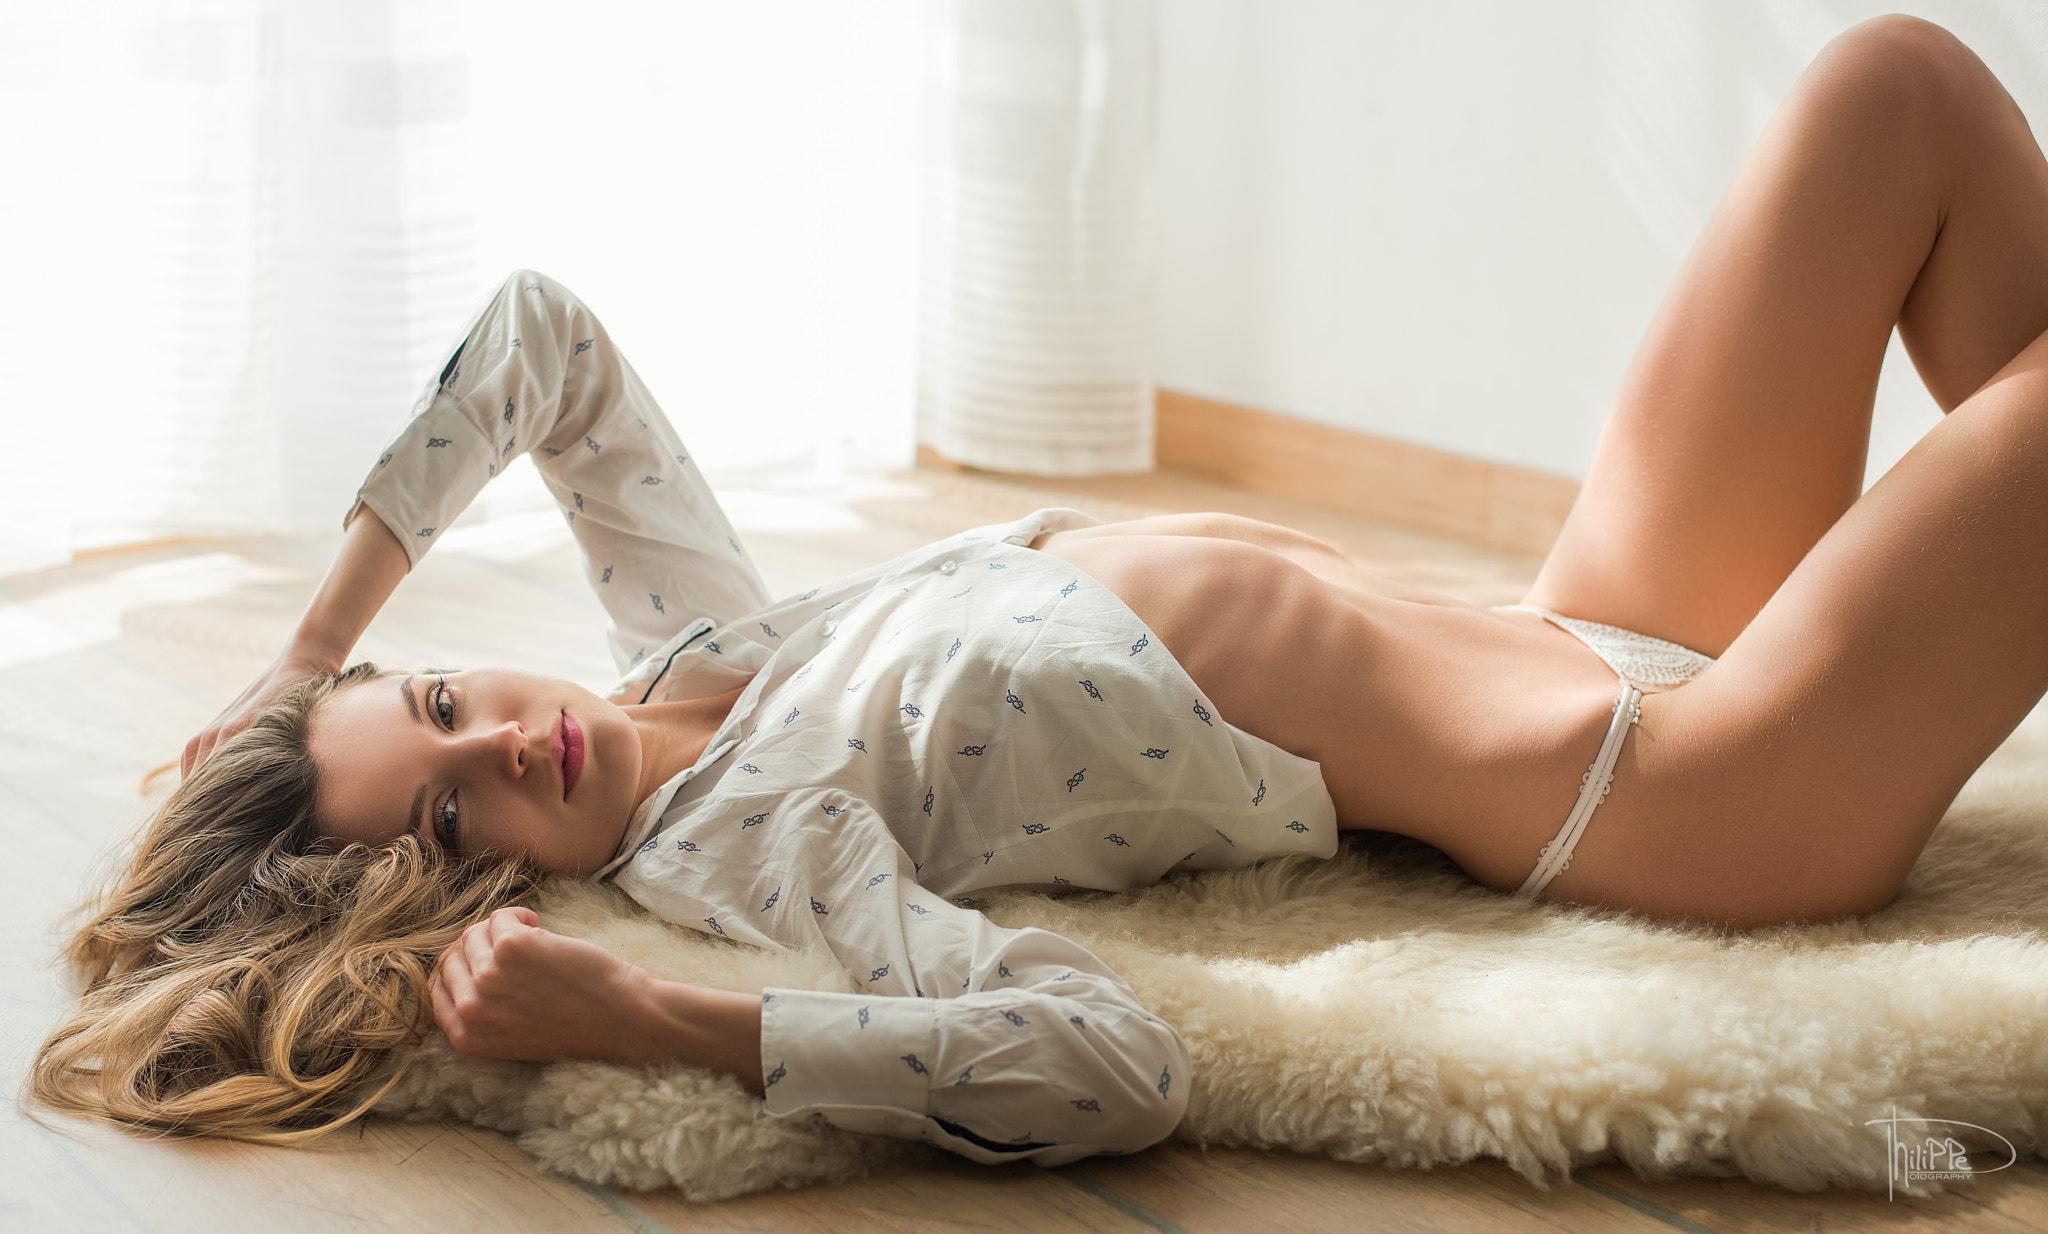 смотреть девушка лежит голая стройная тайка